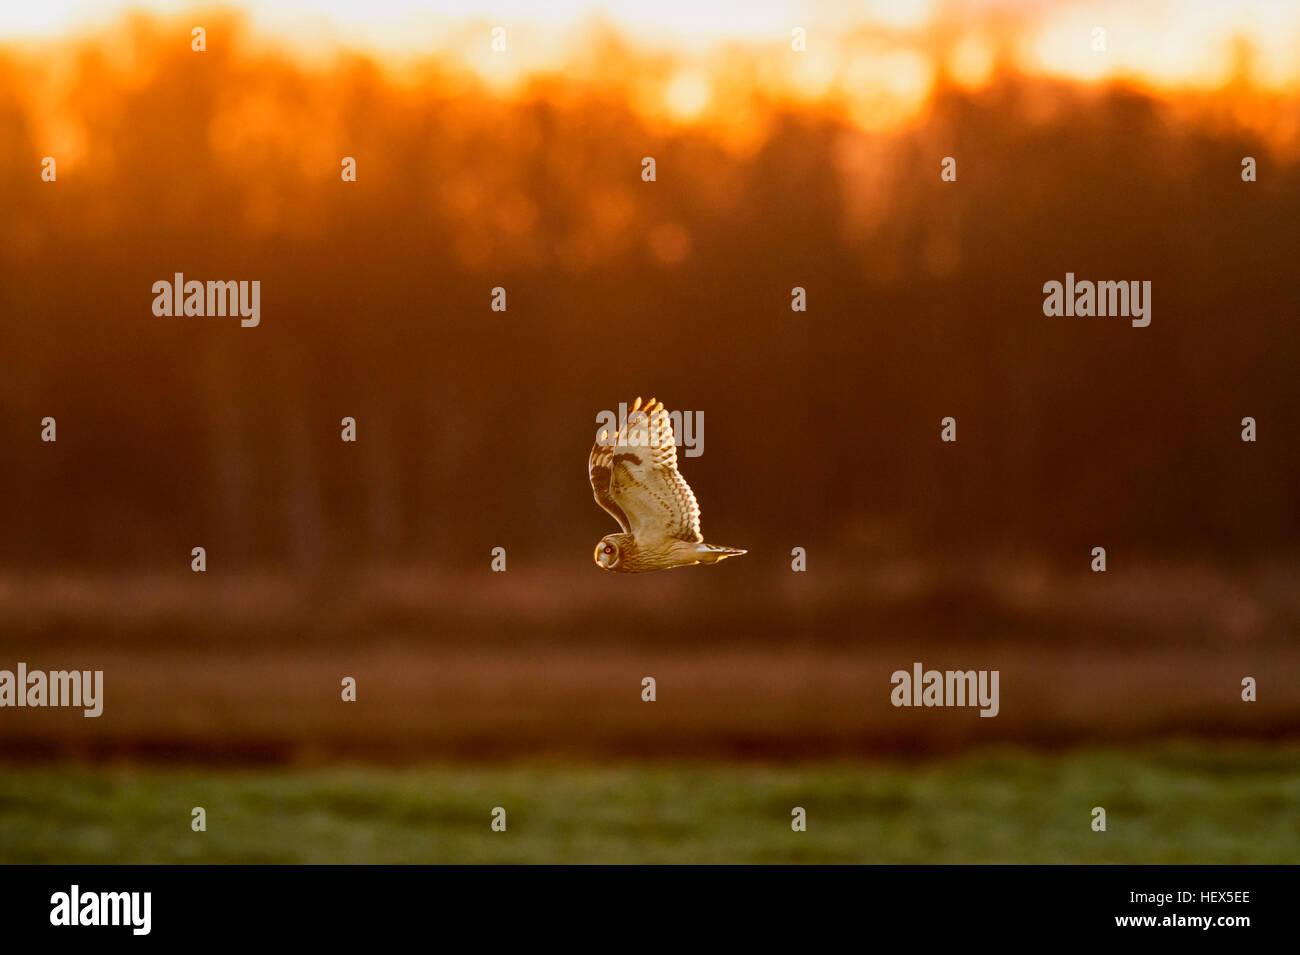 Eine Sumpfohreule herumfliegen auf der Suche nach Nahrung kurz vor Sonnenuntergang. Stockbild